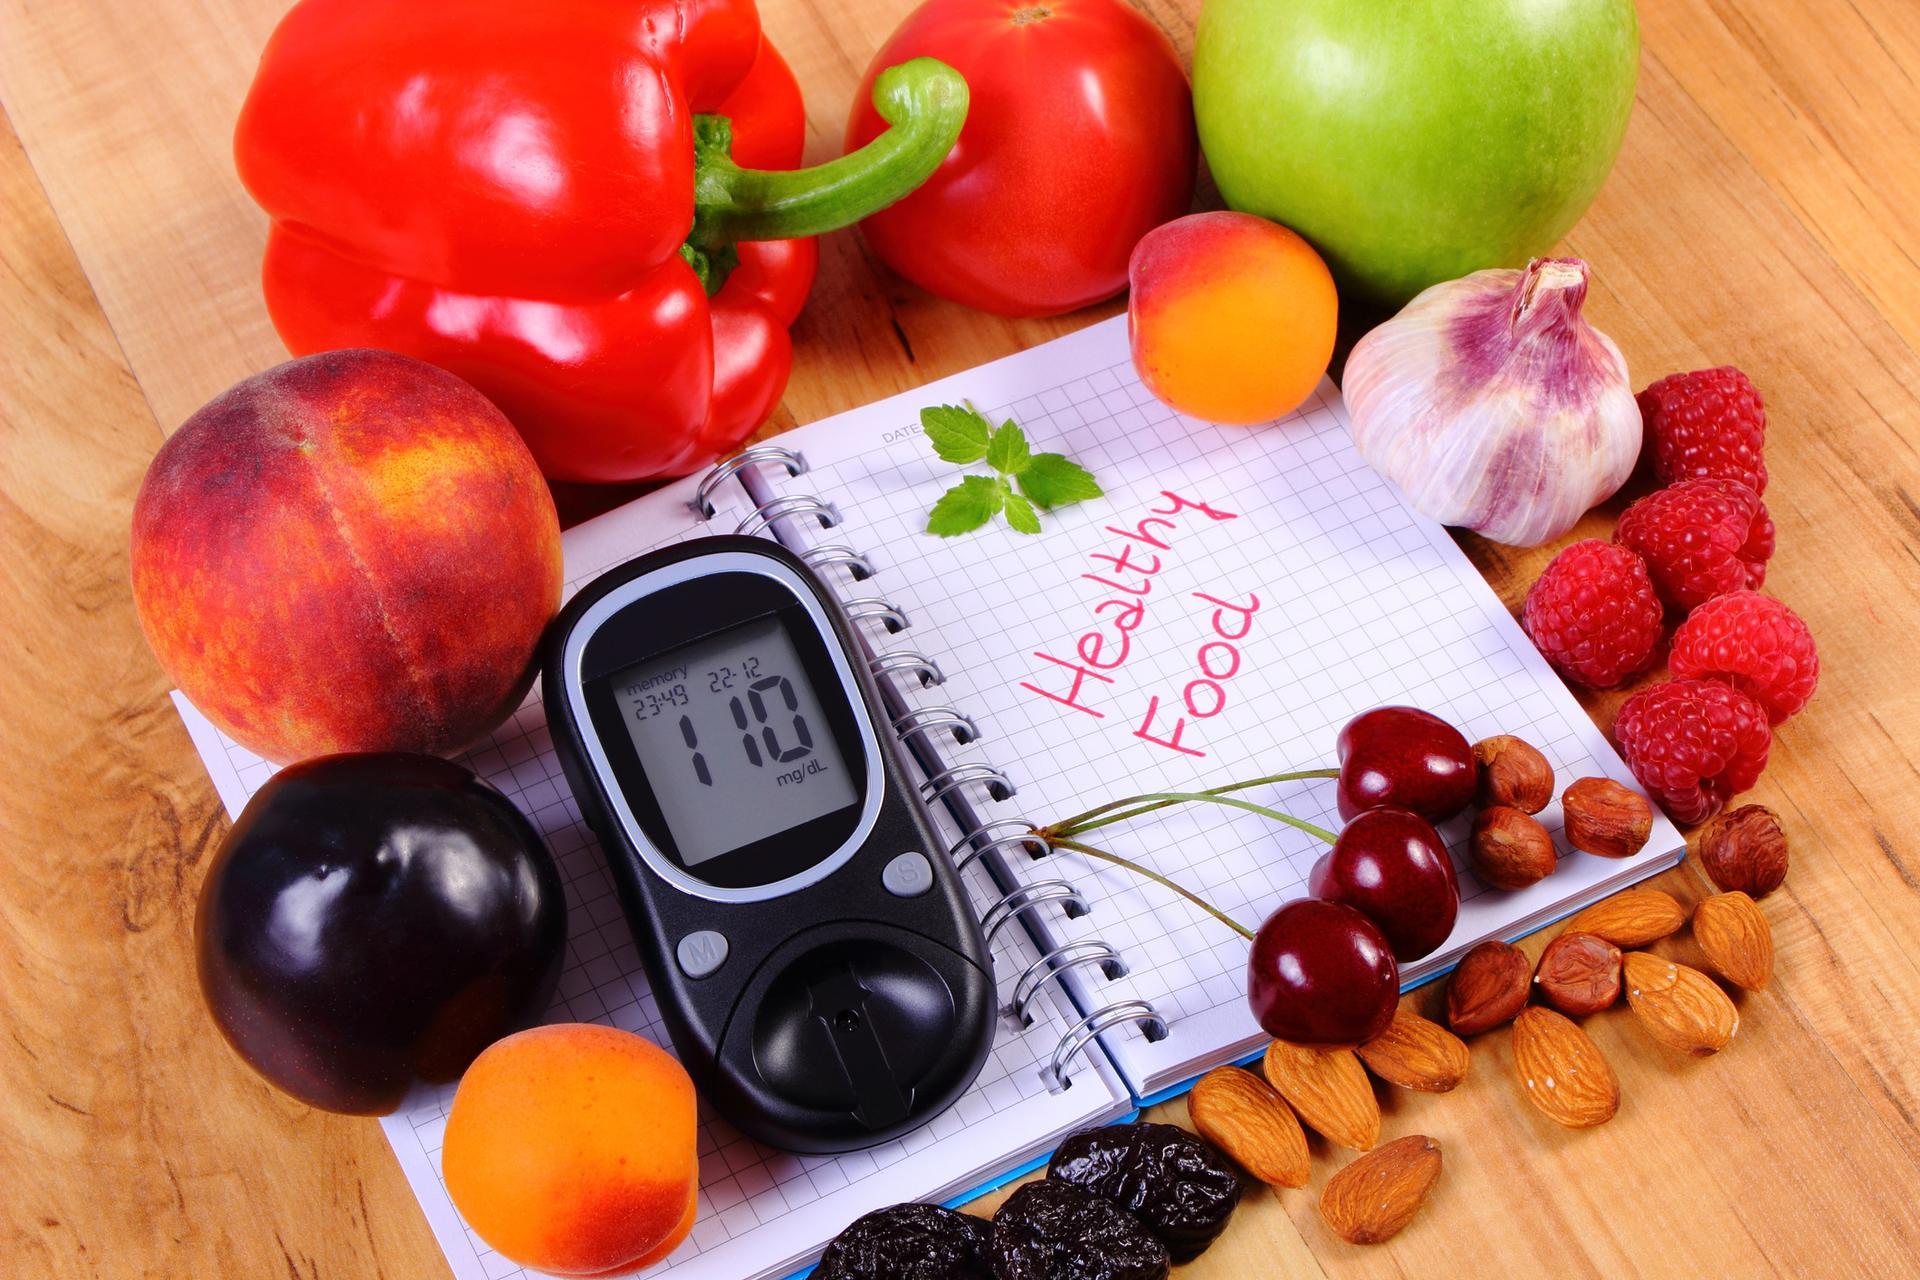 Dieta Cukrzycowa Zgodna Z Zasadami Zdrowego Zywienia